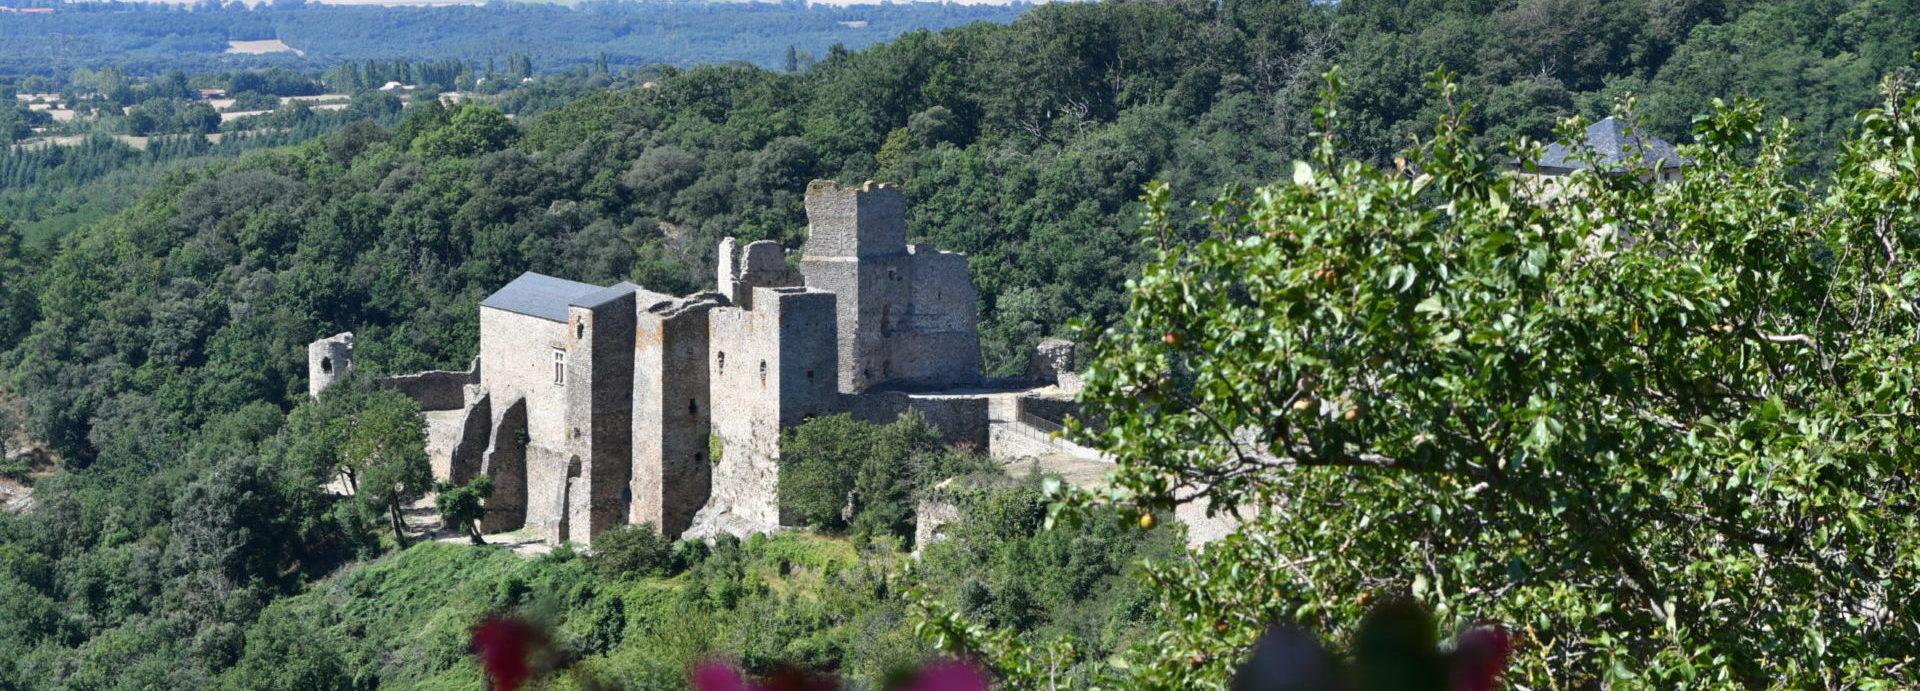 Chateau cathare de saissac près de carcassonne dans laude